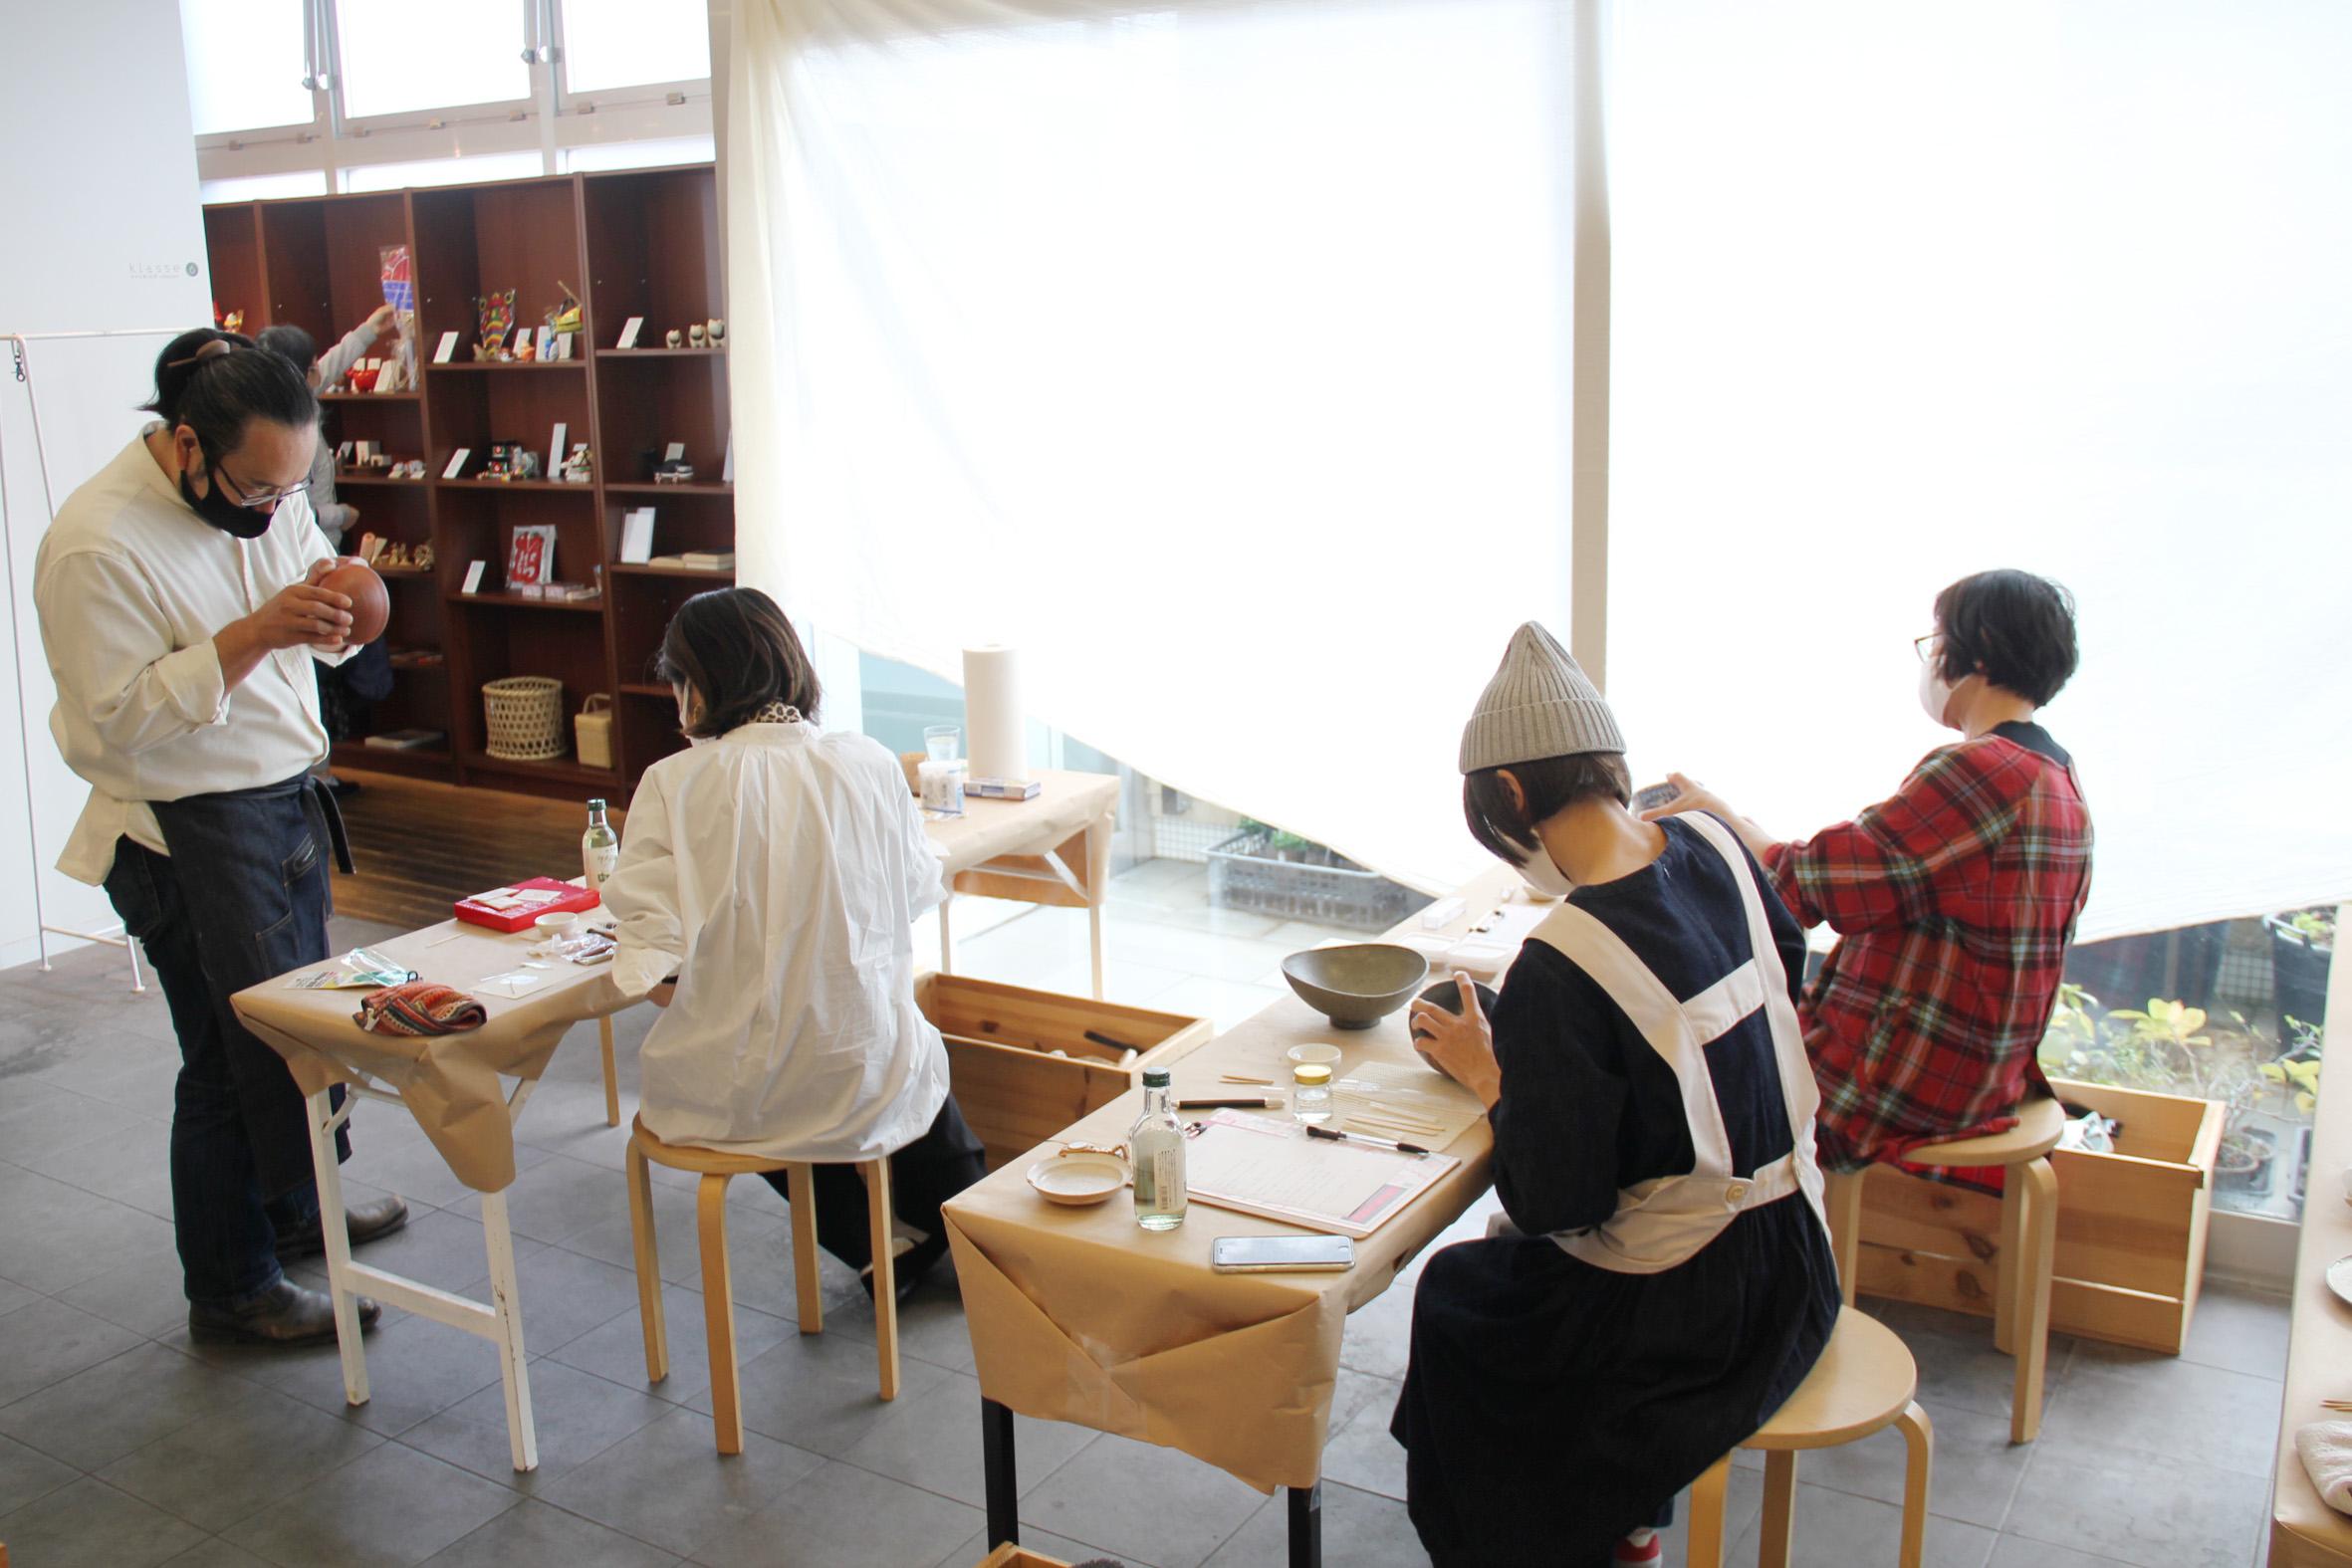 https://www.schule.jp/hibinokoto/kintsugi02_01.jpg